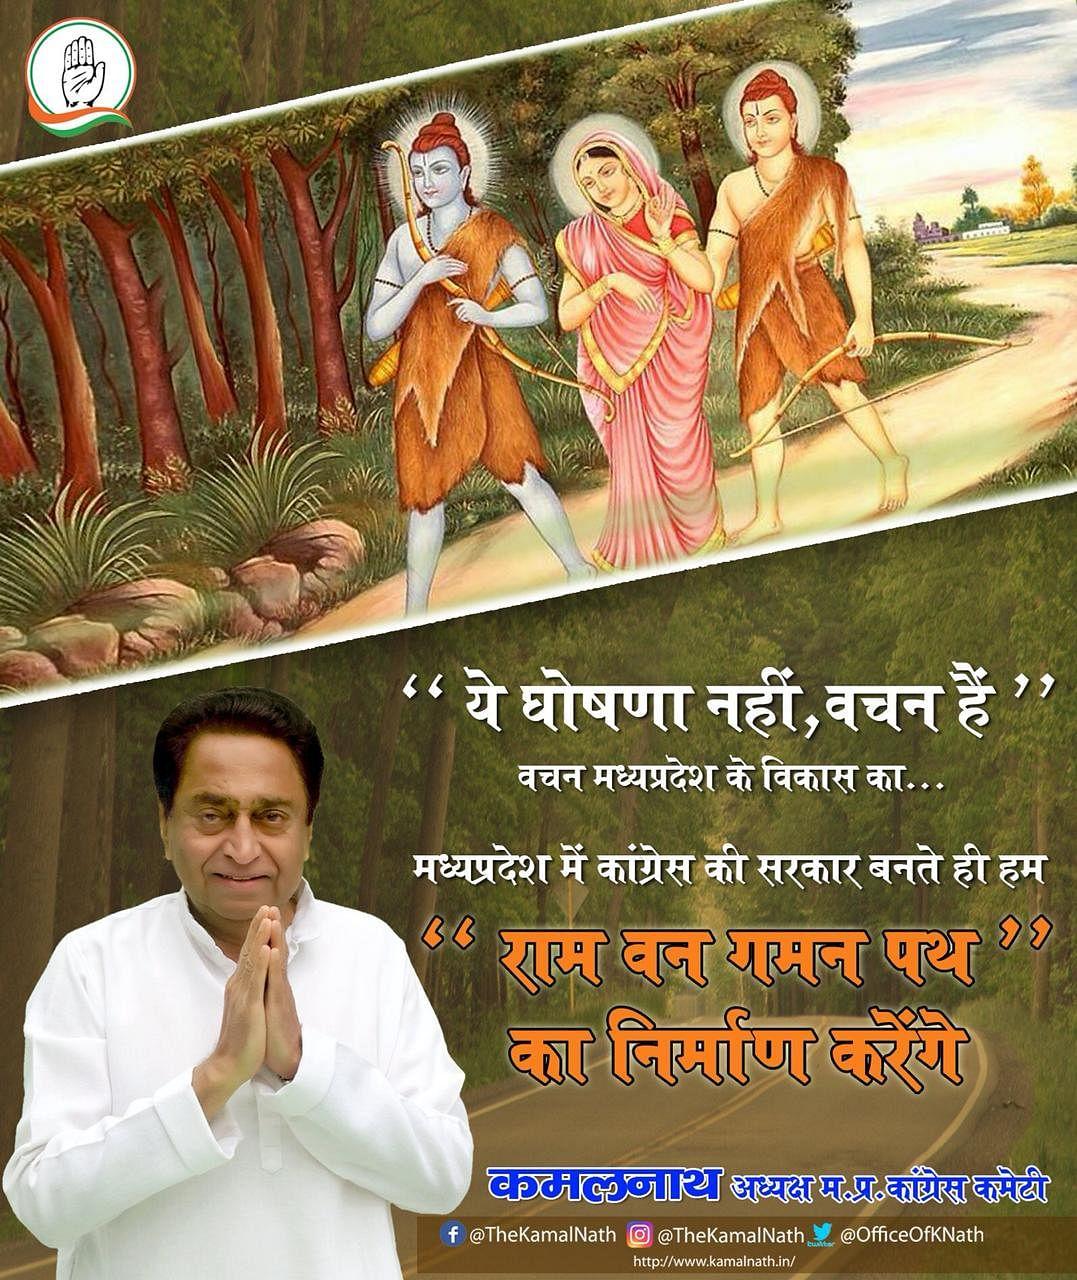 Will 'Jai Siya Ram' Help Congress Win Madhya Pradesh?